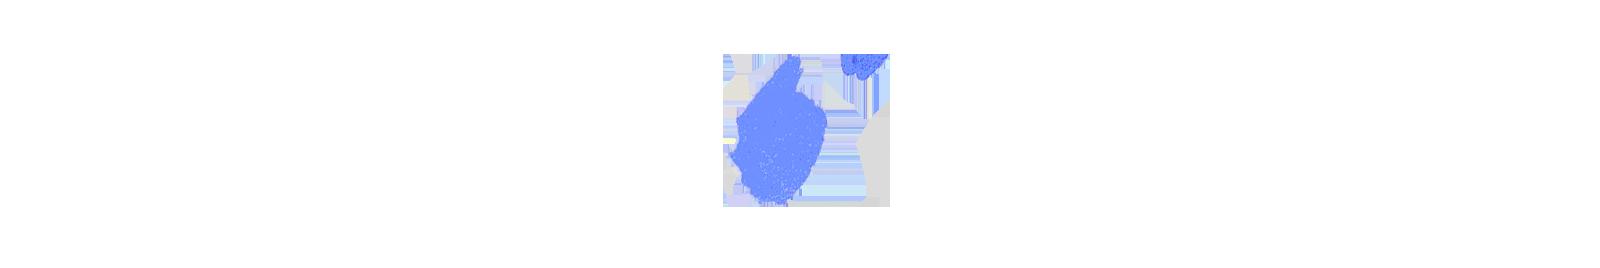 bluedot05